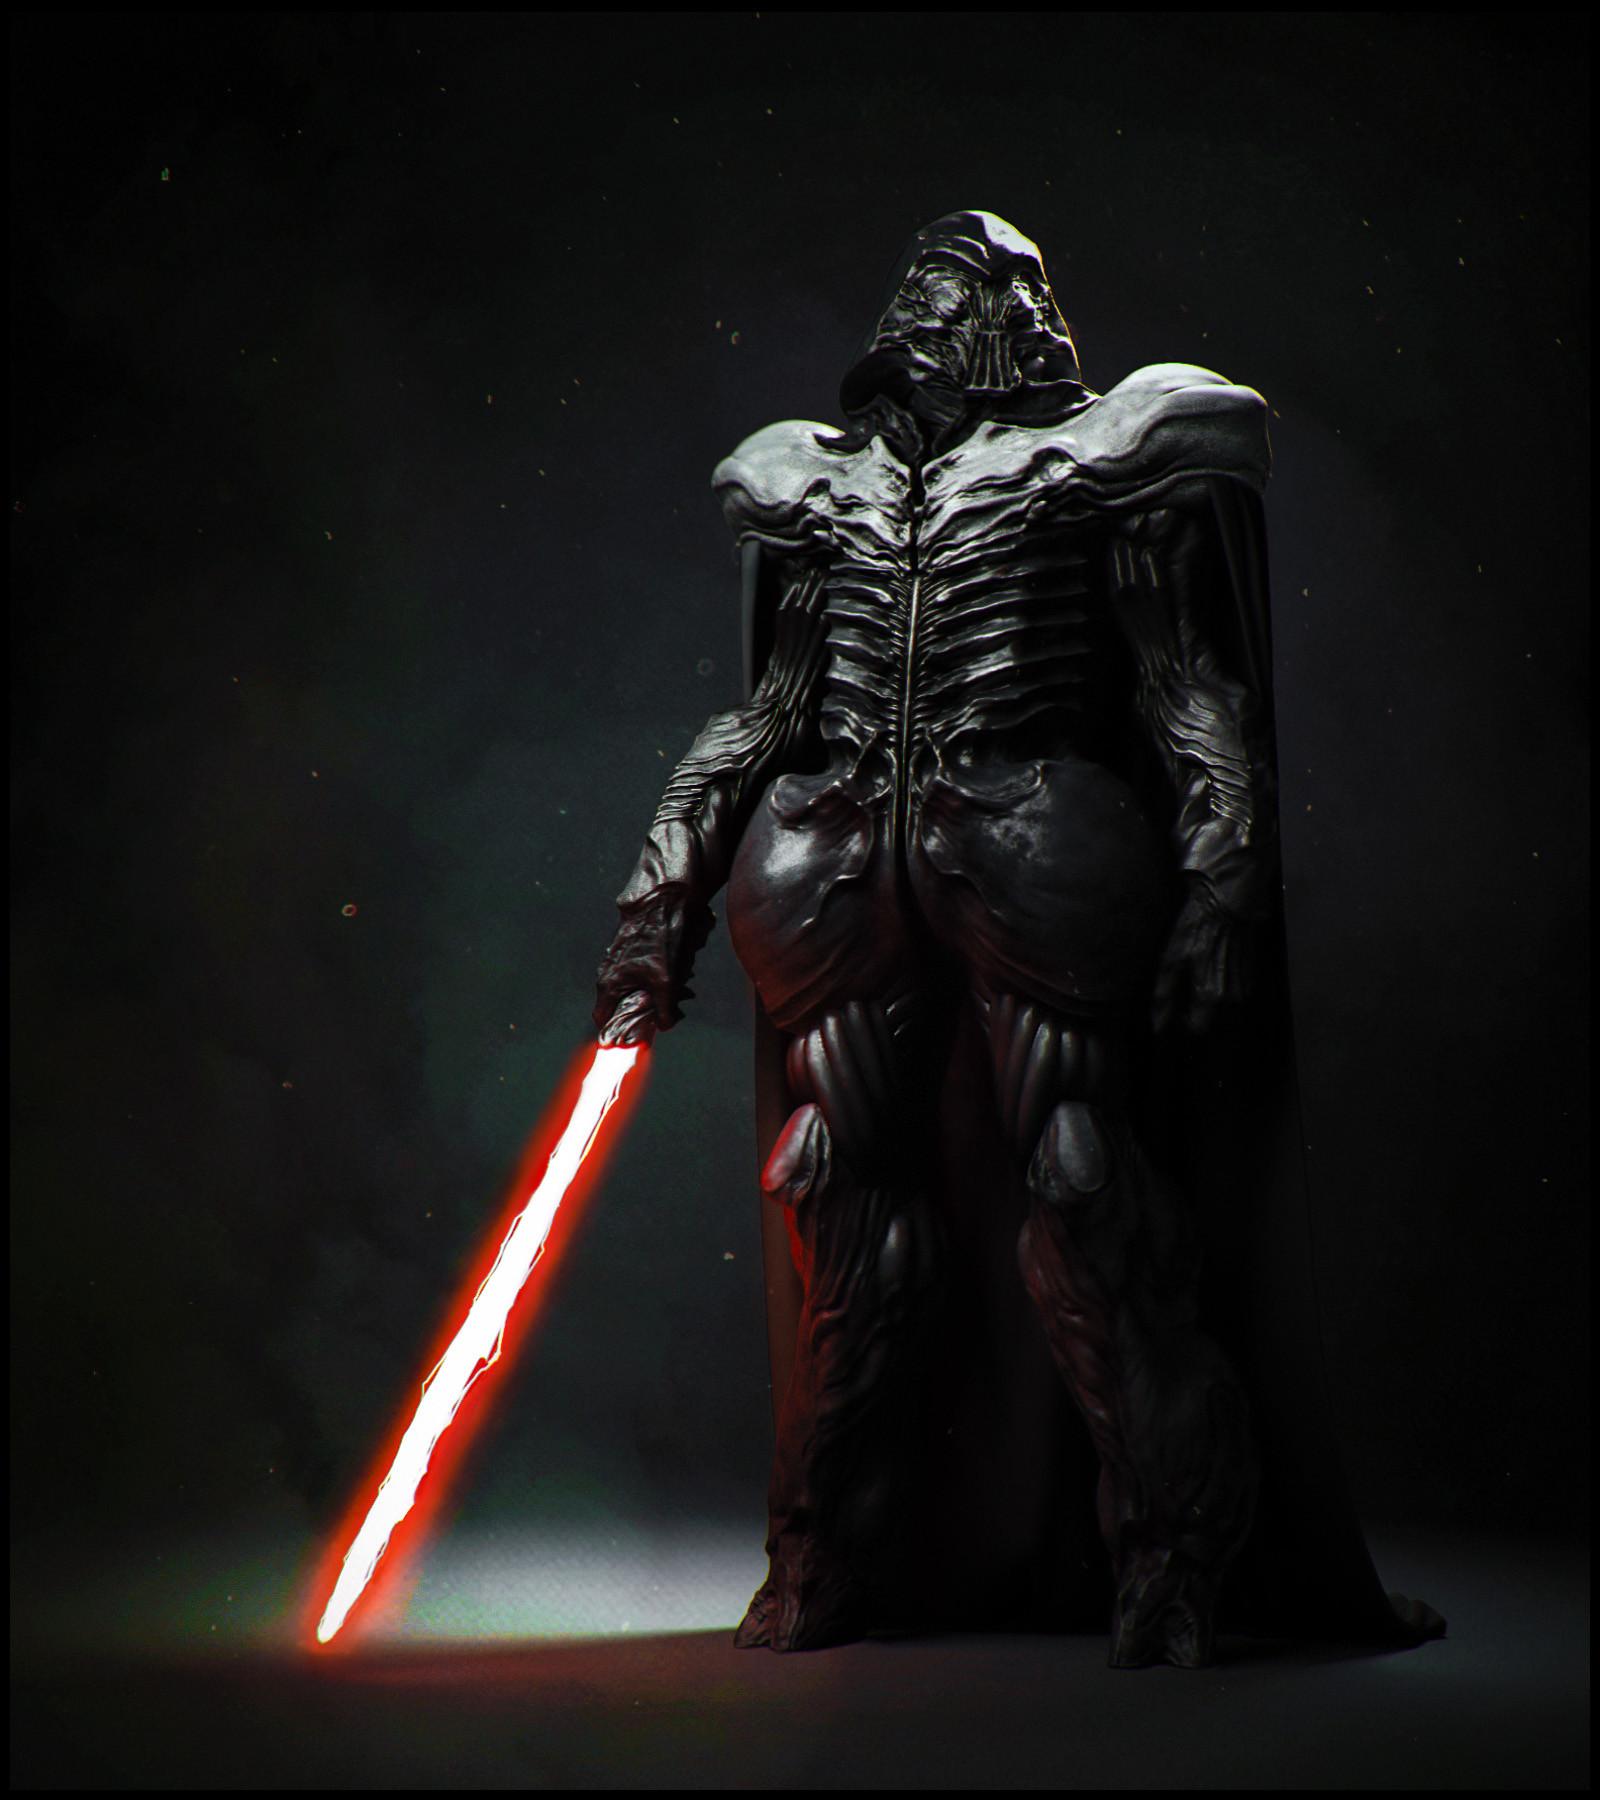 Star Wars Darth Vader Concept Art